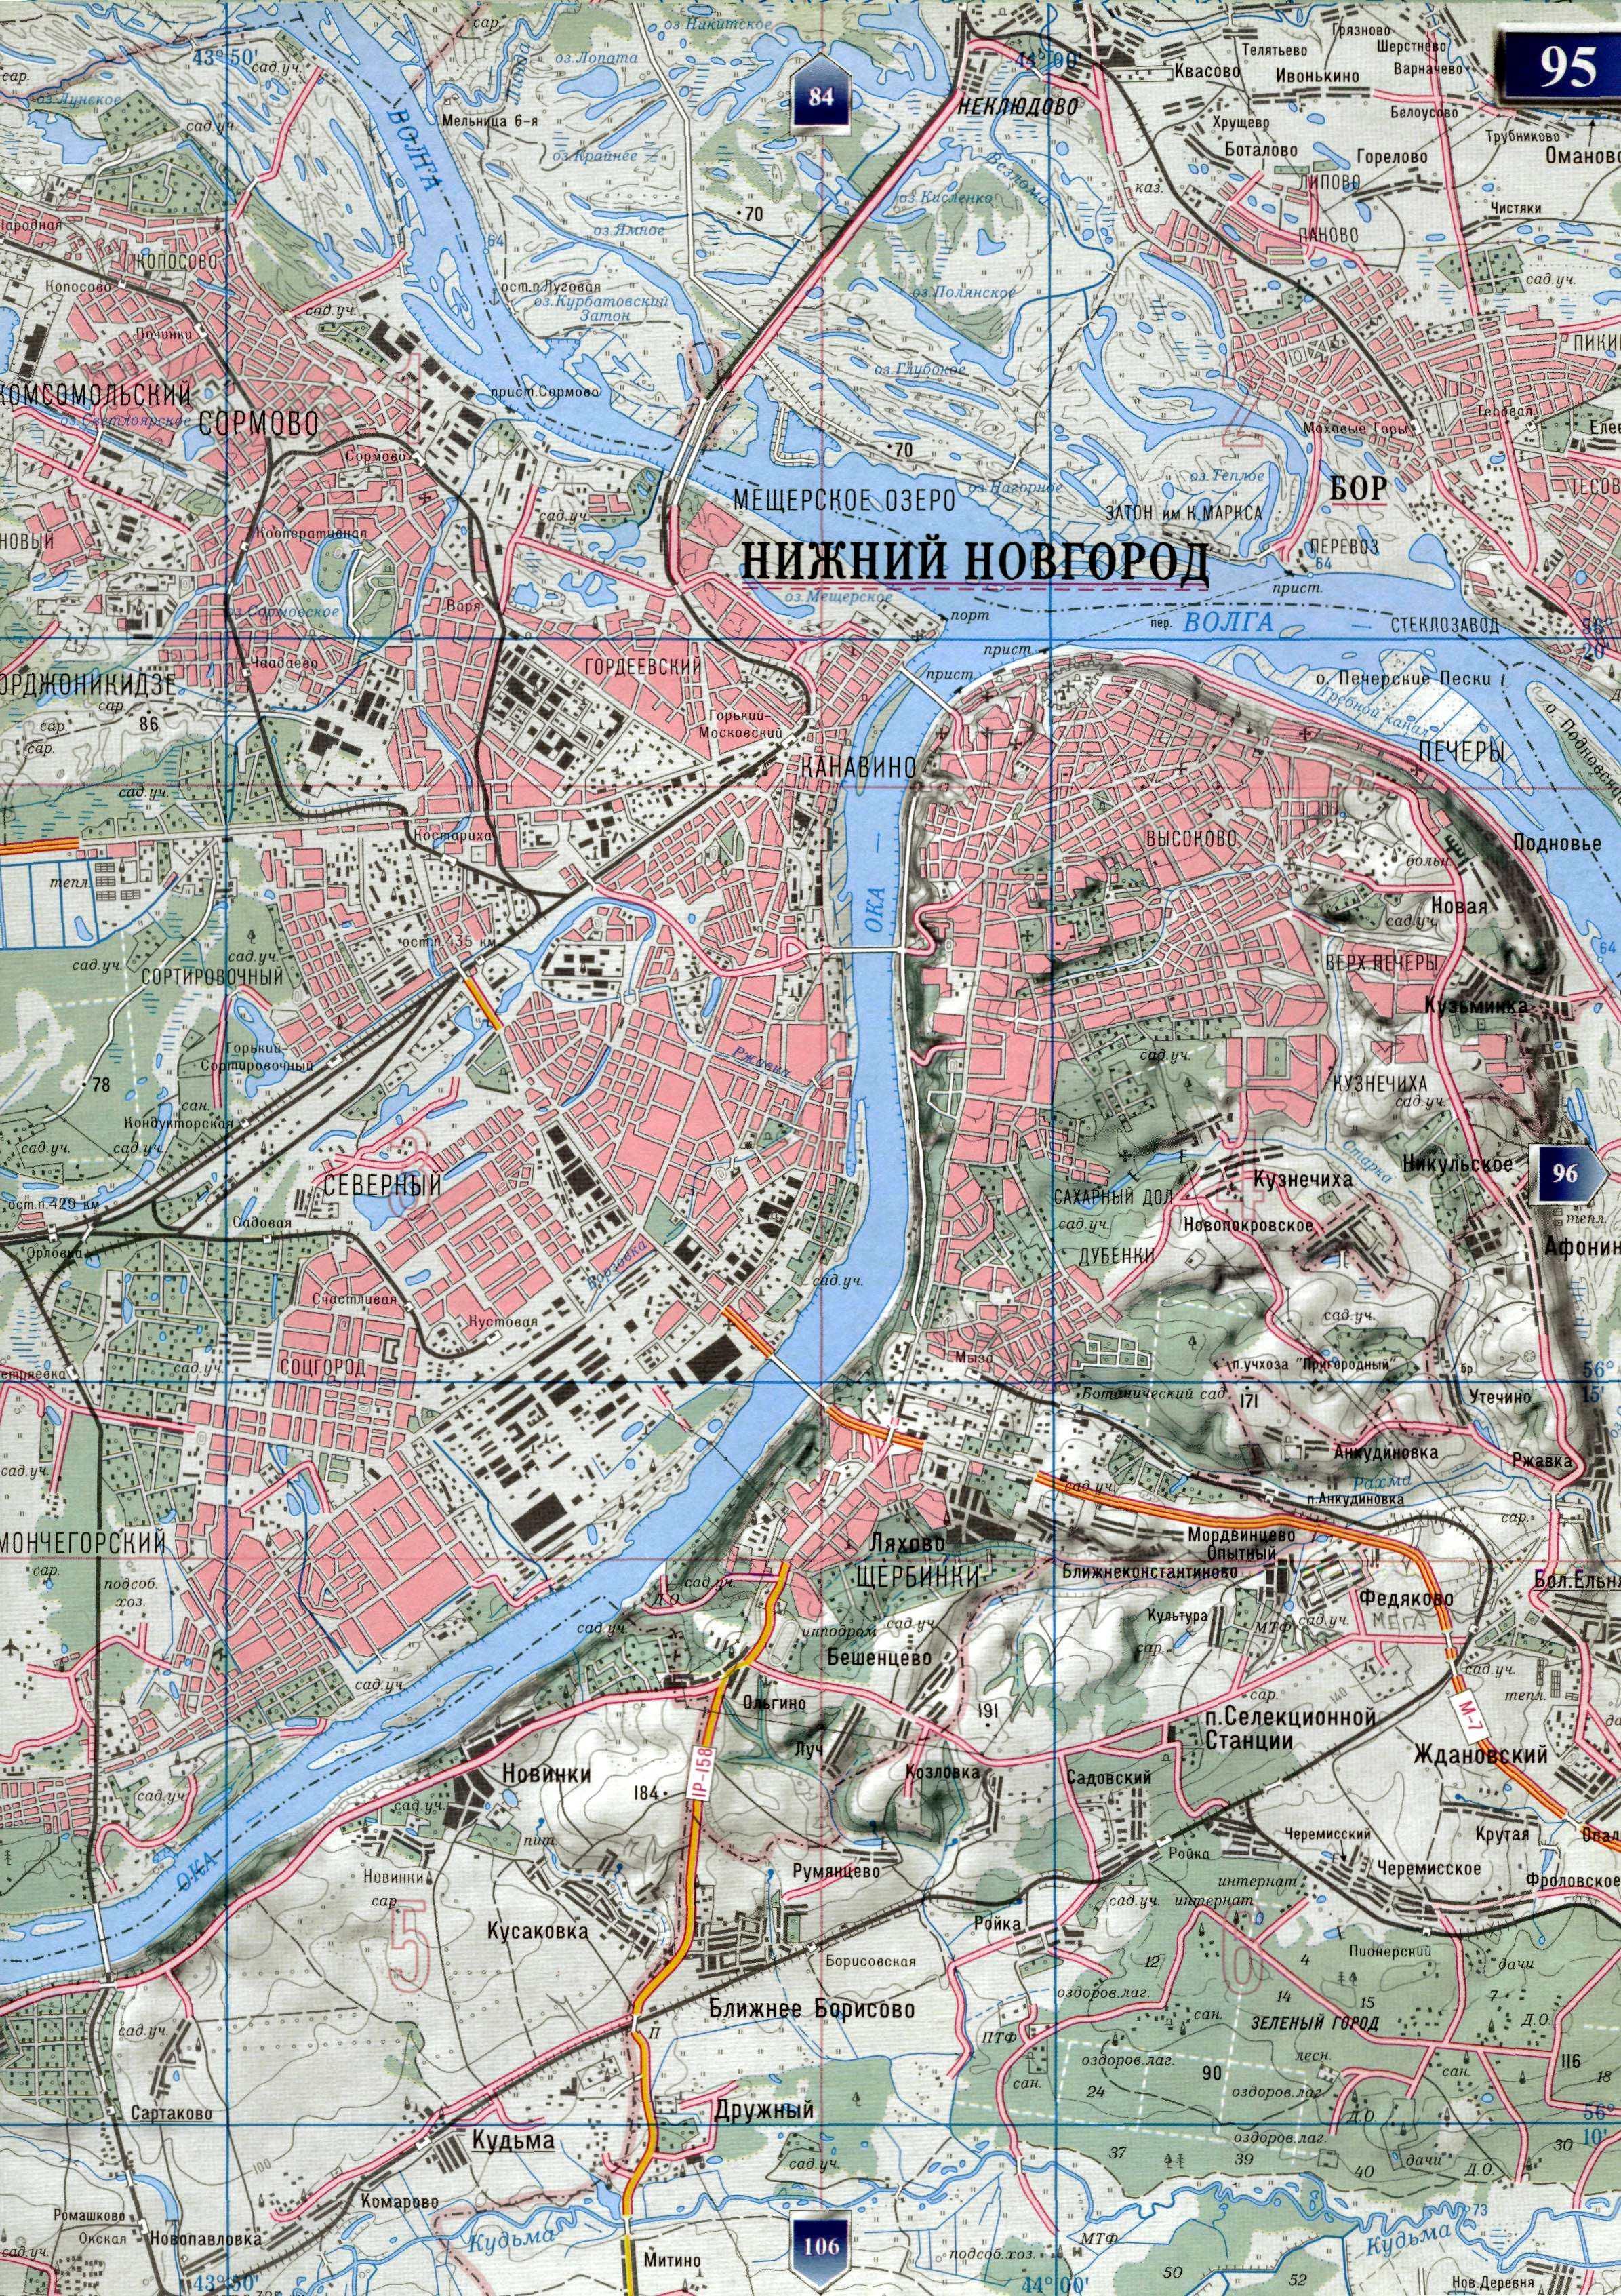 рыболовные места в нижнем новгороде на карте города